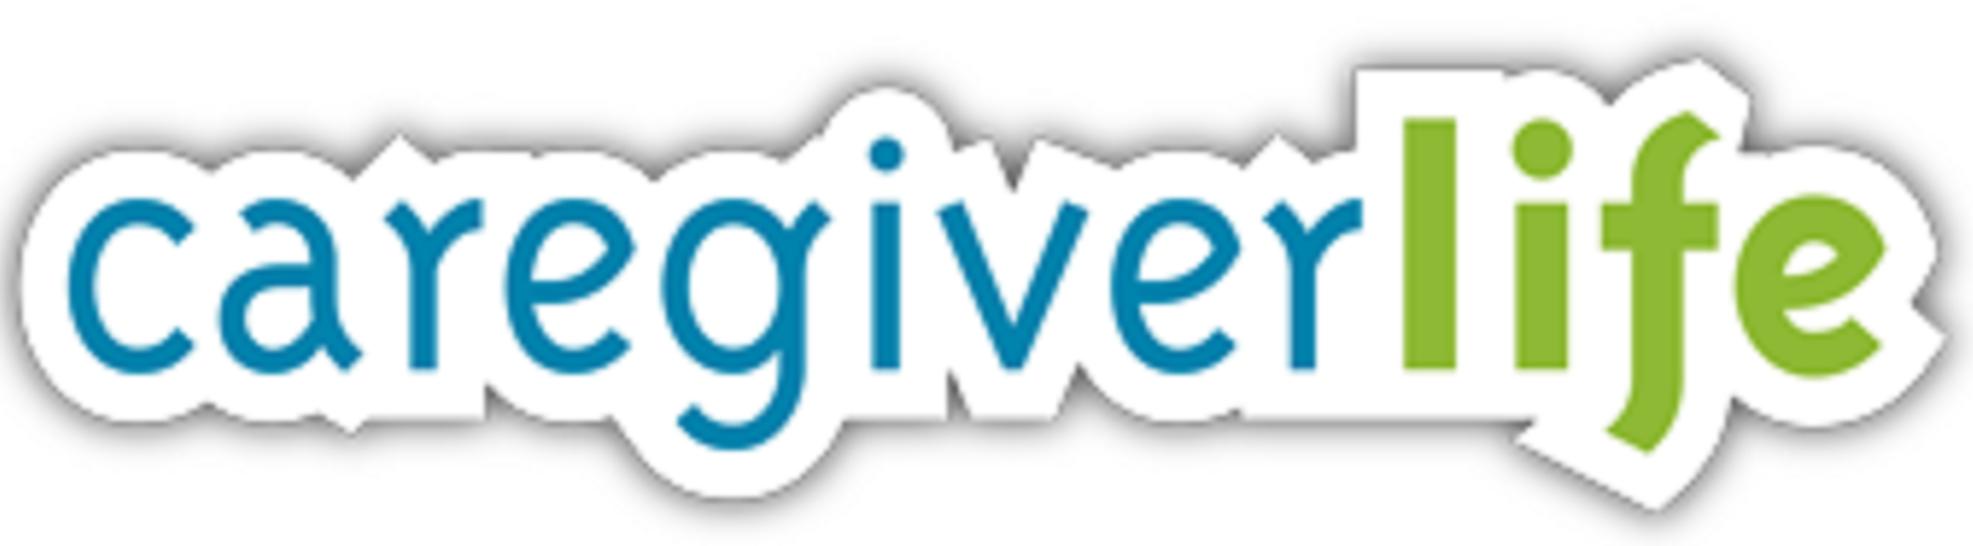 CaregiverLife